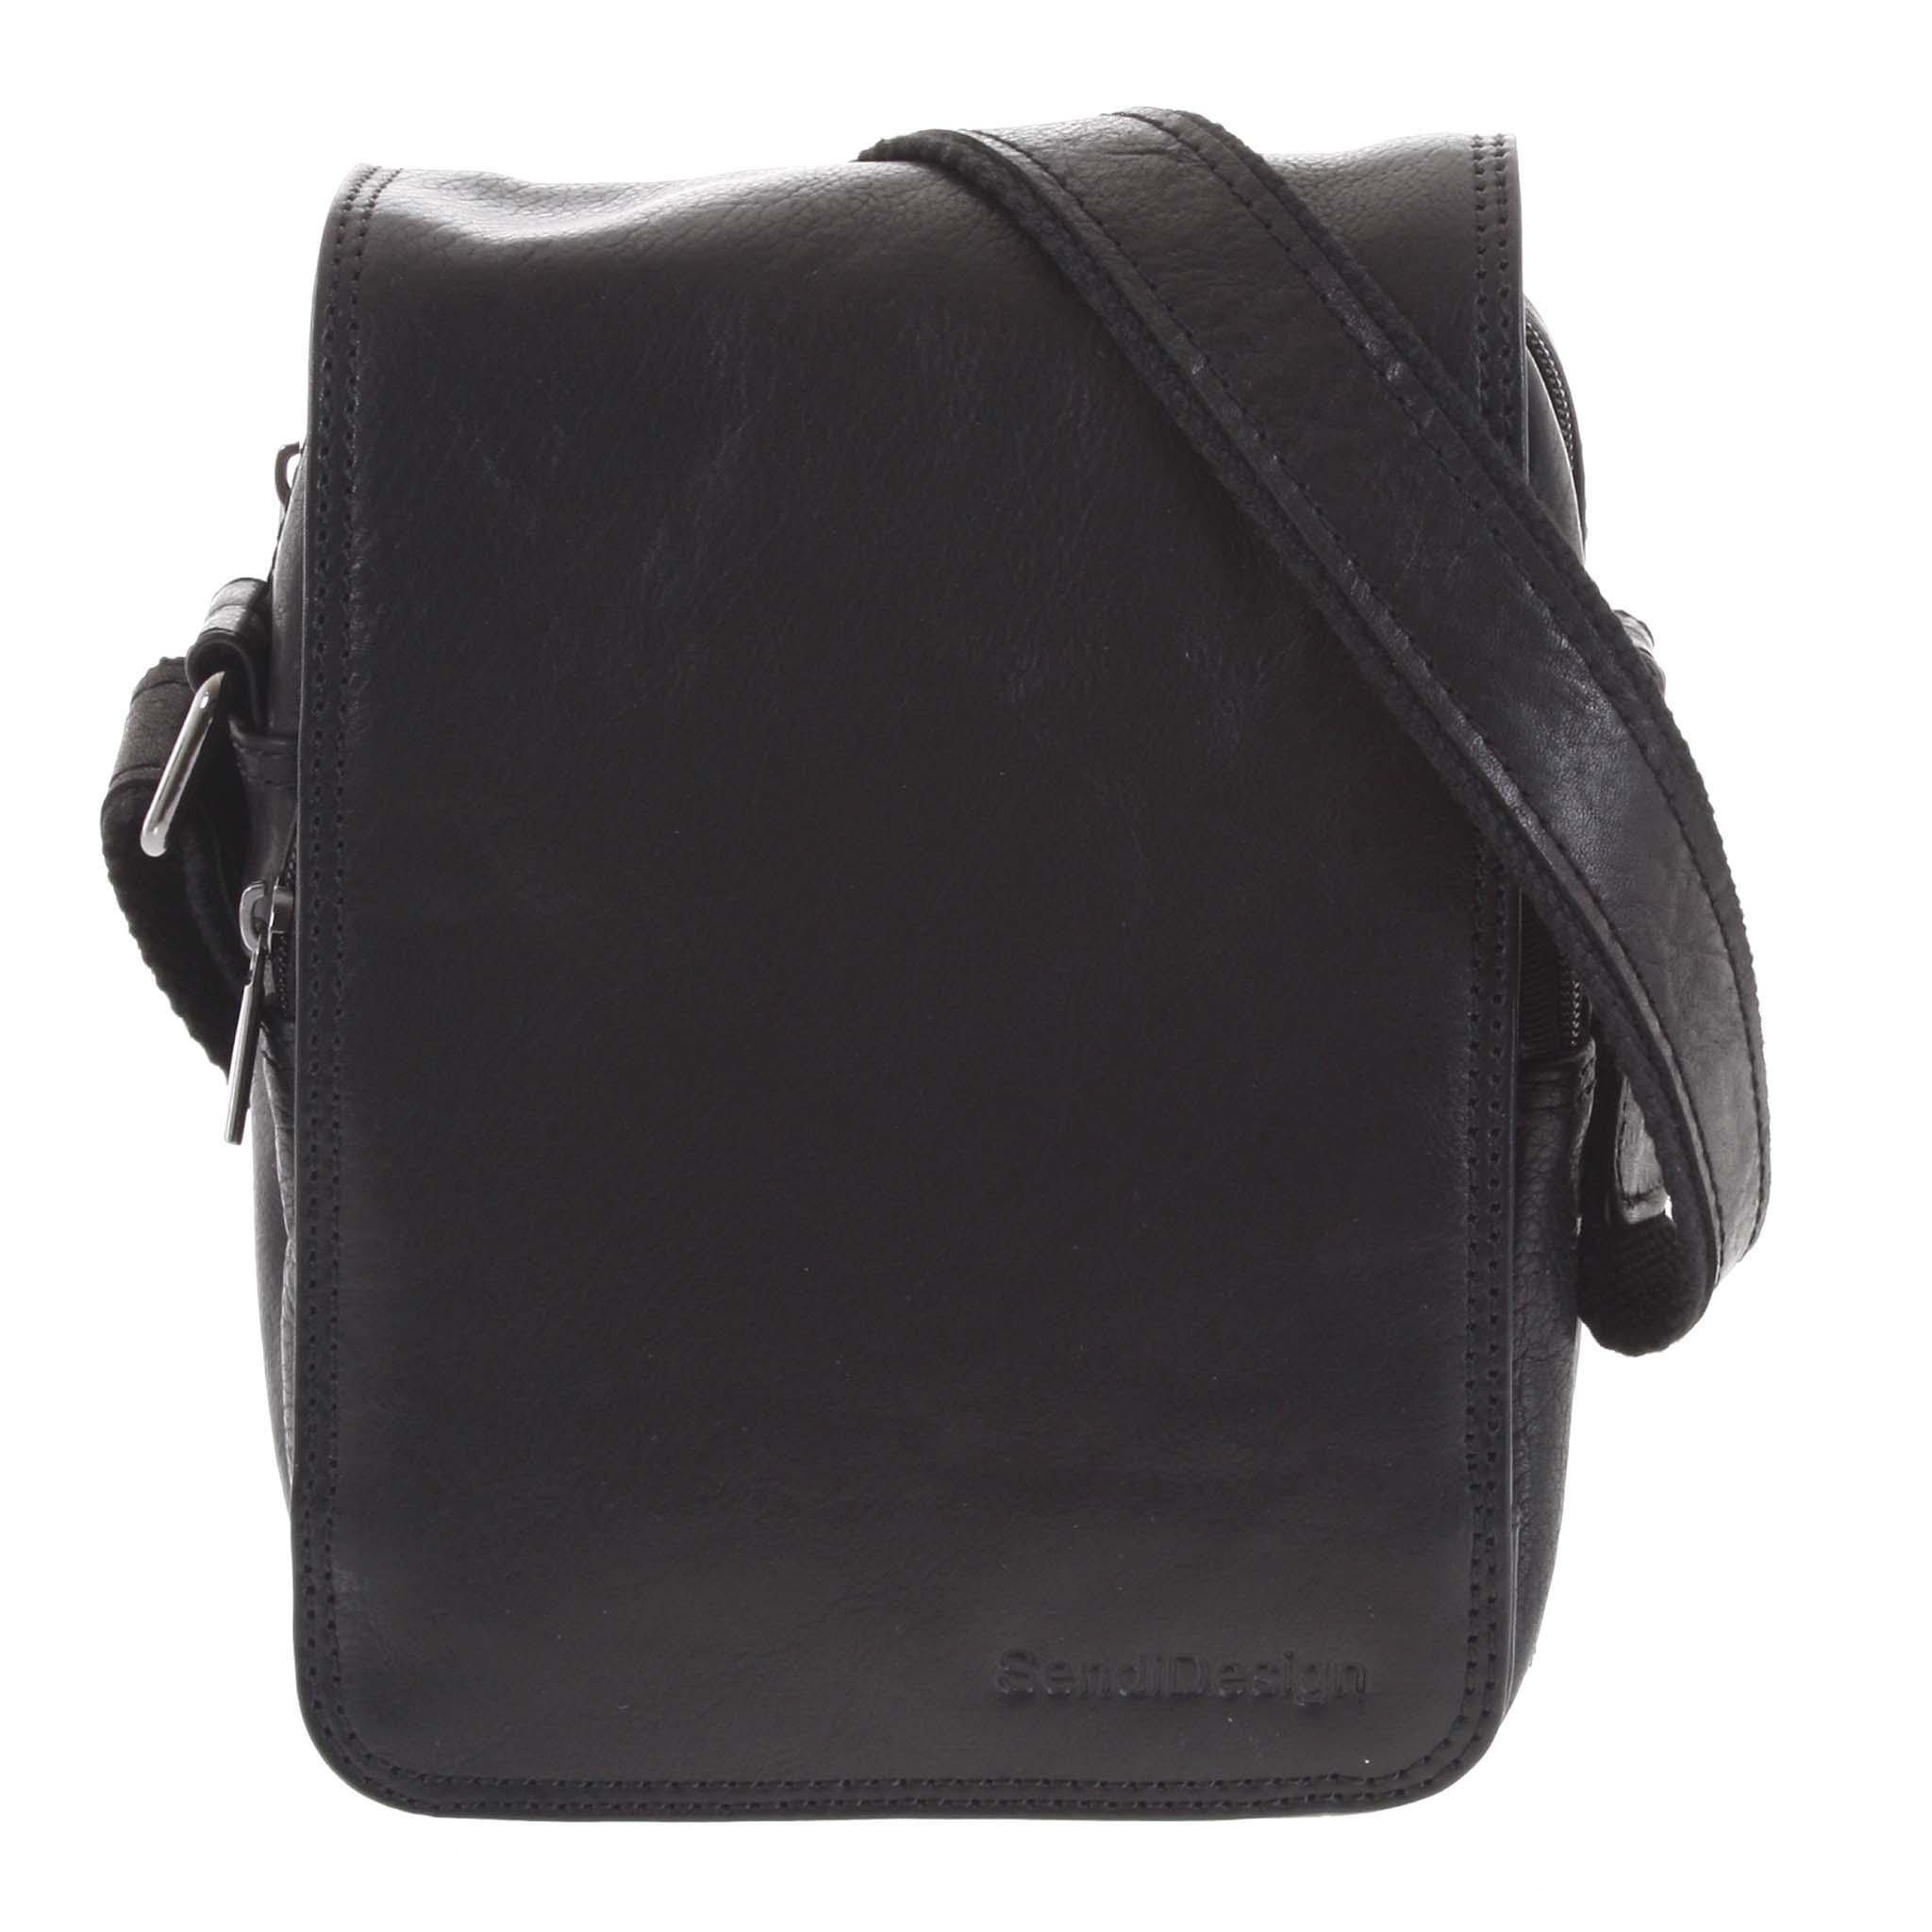 Pánska kožená taška cez plece čierna - SendiDesign Muxos